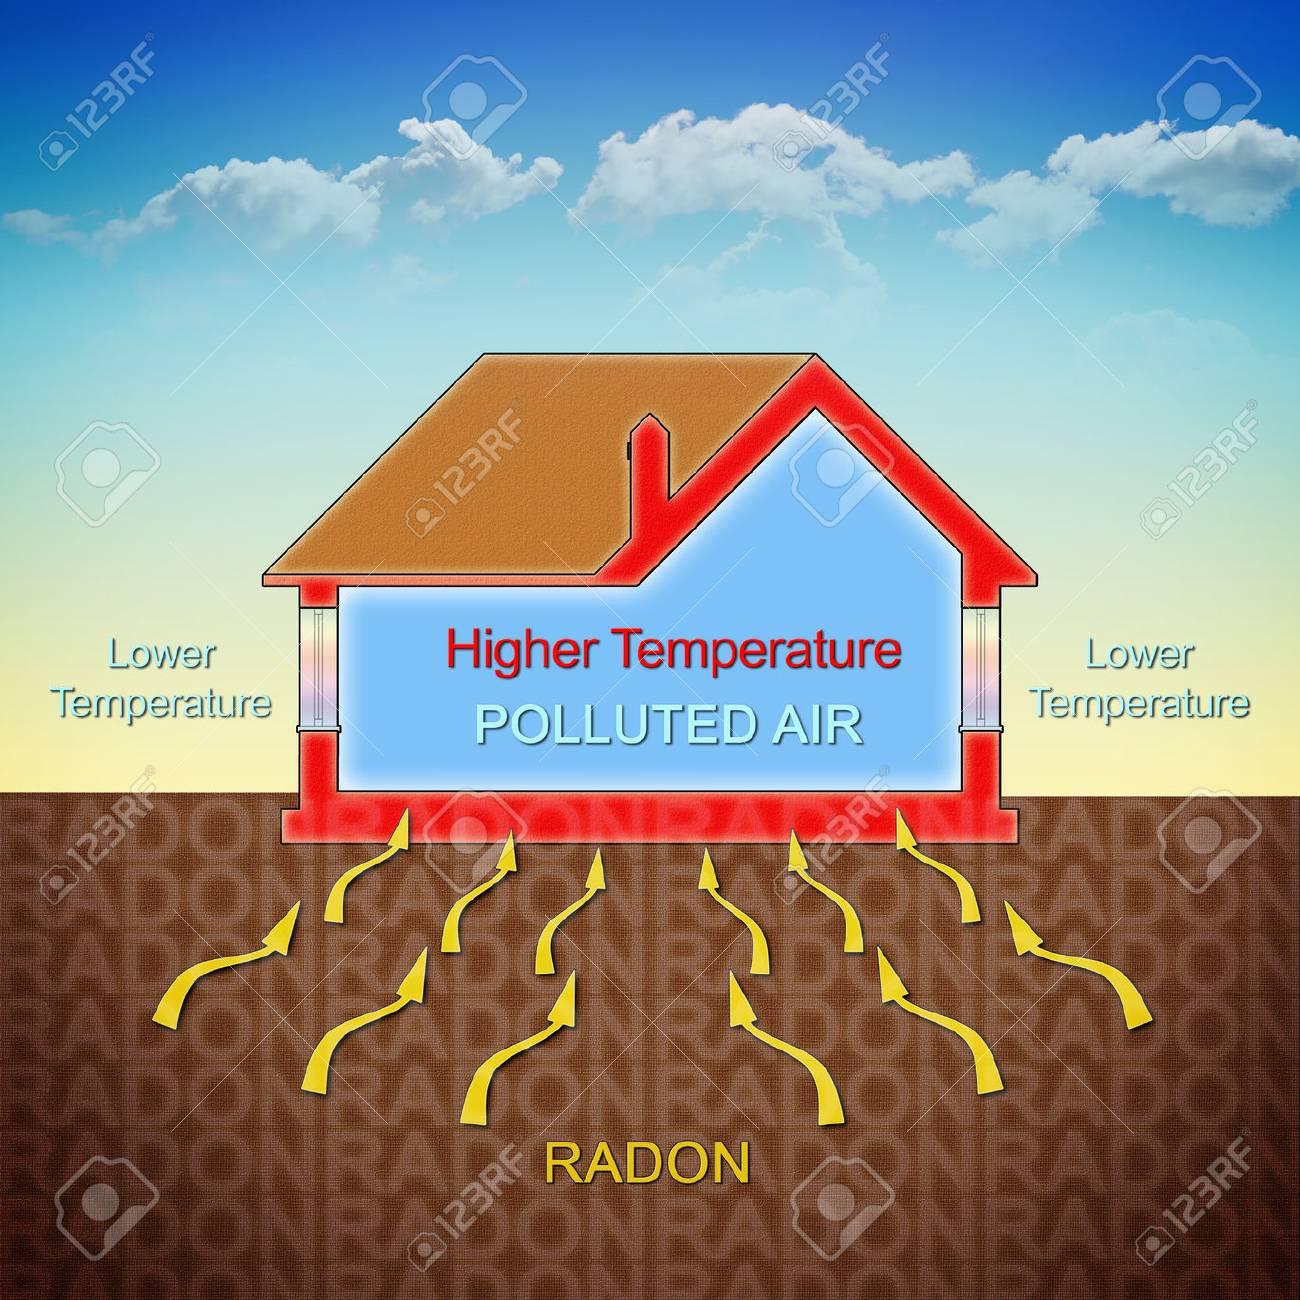 bd2e4fb82 Cómo entra el gas radón en nuestros hogares debido a la diferencia de  temperatura - ilustración